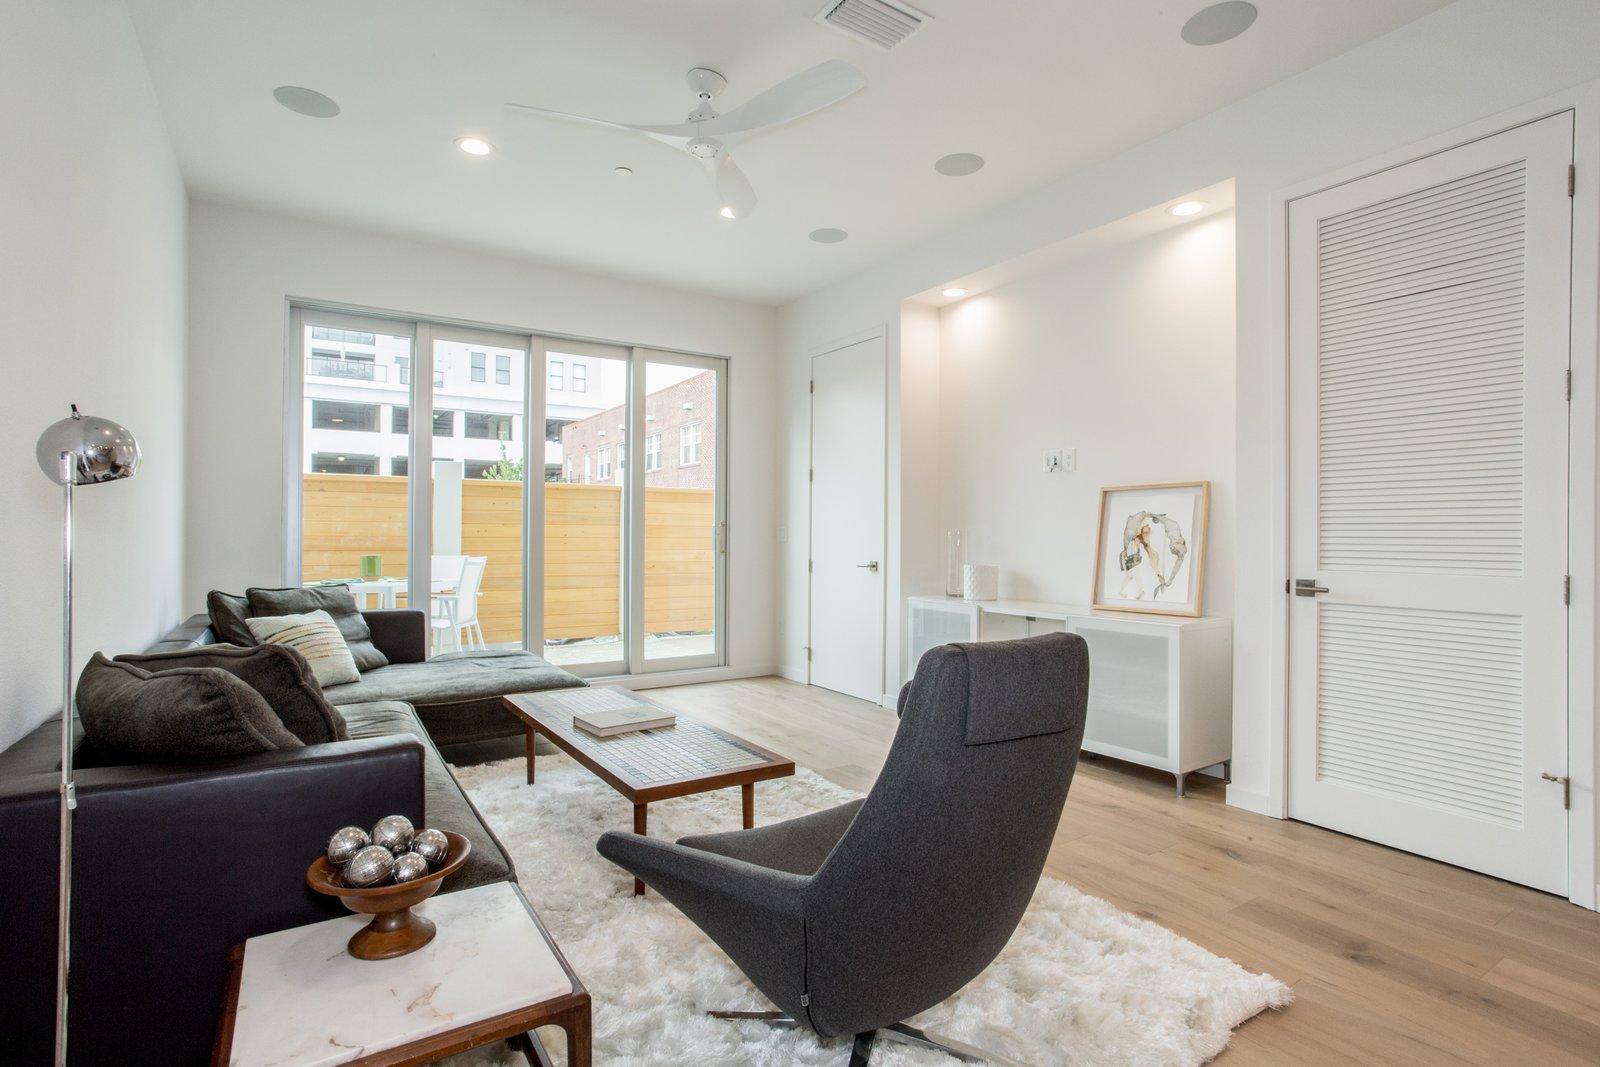 Living Room.  LIV233 by Hudson Harr